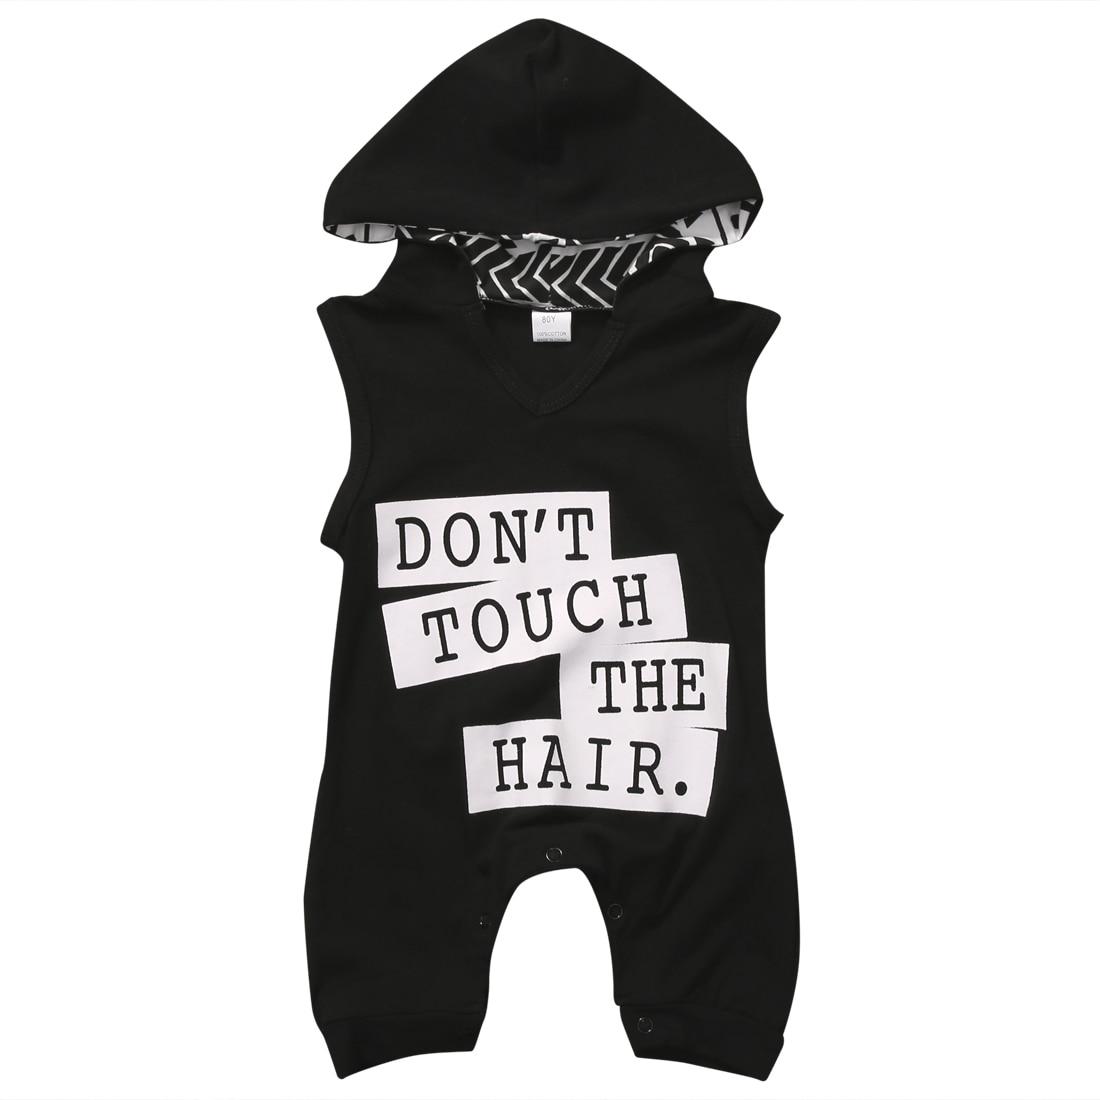 Хлопок новорожденного для маленьких мальчиков Обувь для девочек без рукавов шаровары с капюшоном Комбинезоны для малышек черный Dont touch бук... ...